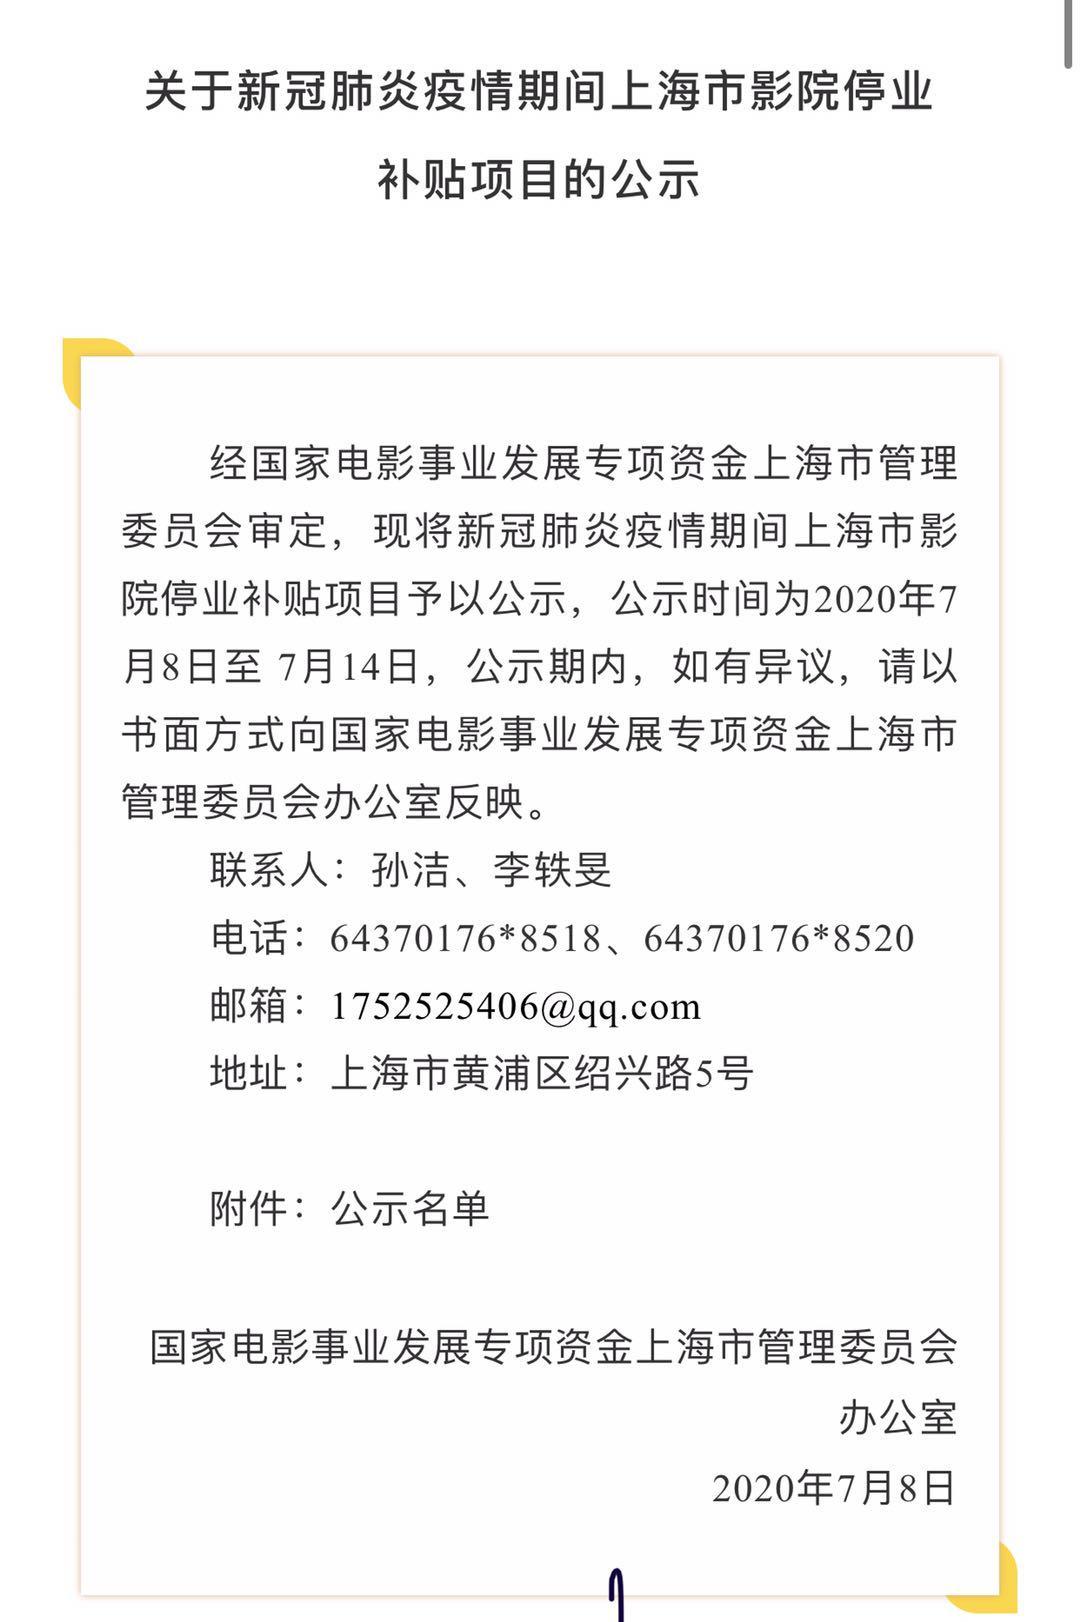 上海市片子局发放1800万元补助 惠及345家影院